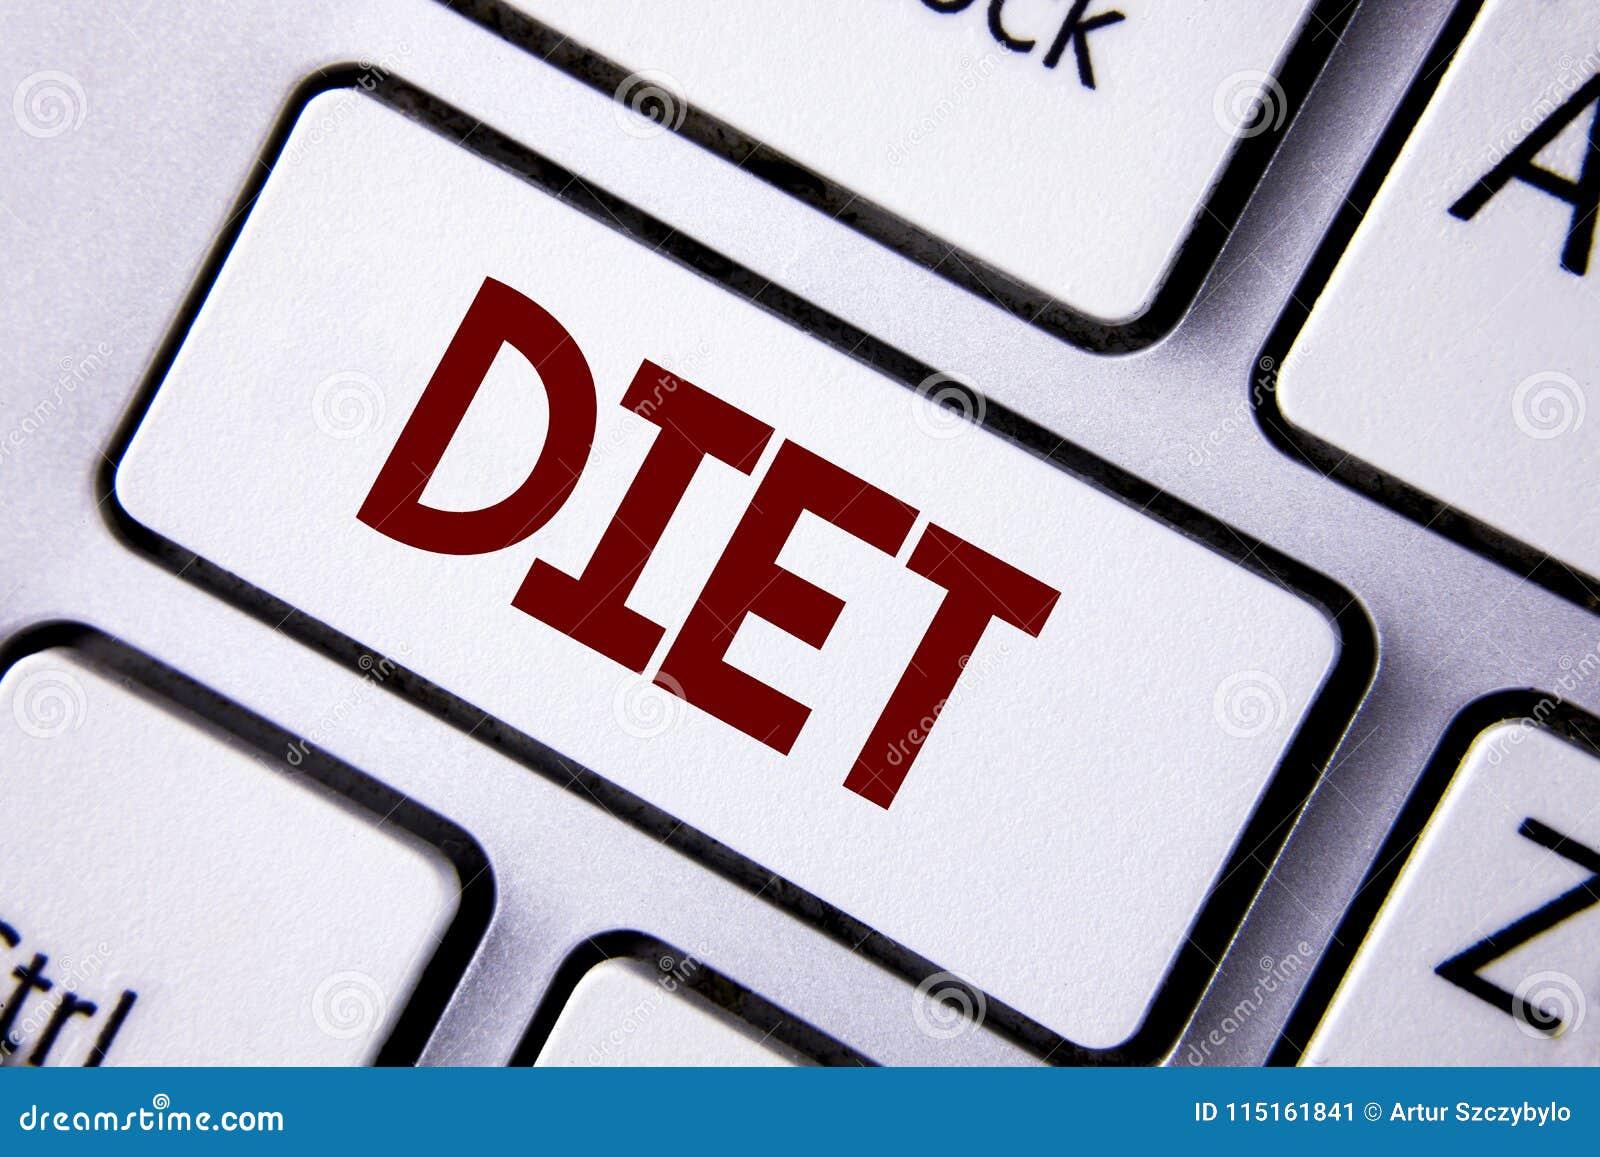 dietitians create diet plans